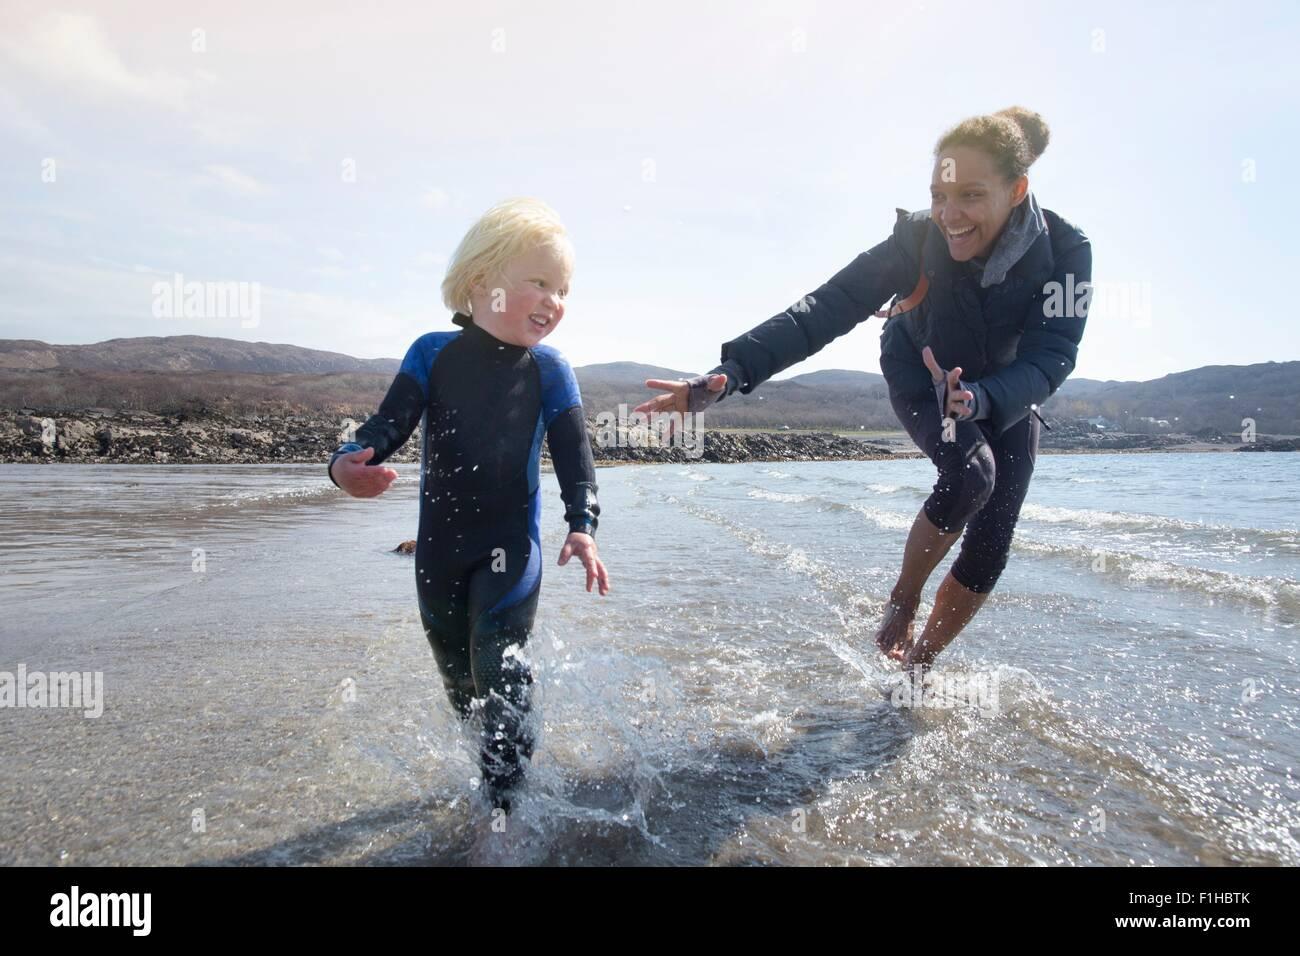 Mère et fils s'exécutant sur plage, Loch Eishort, île de Skye, Hébrides, Ecosse Banque D'Images